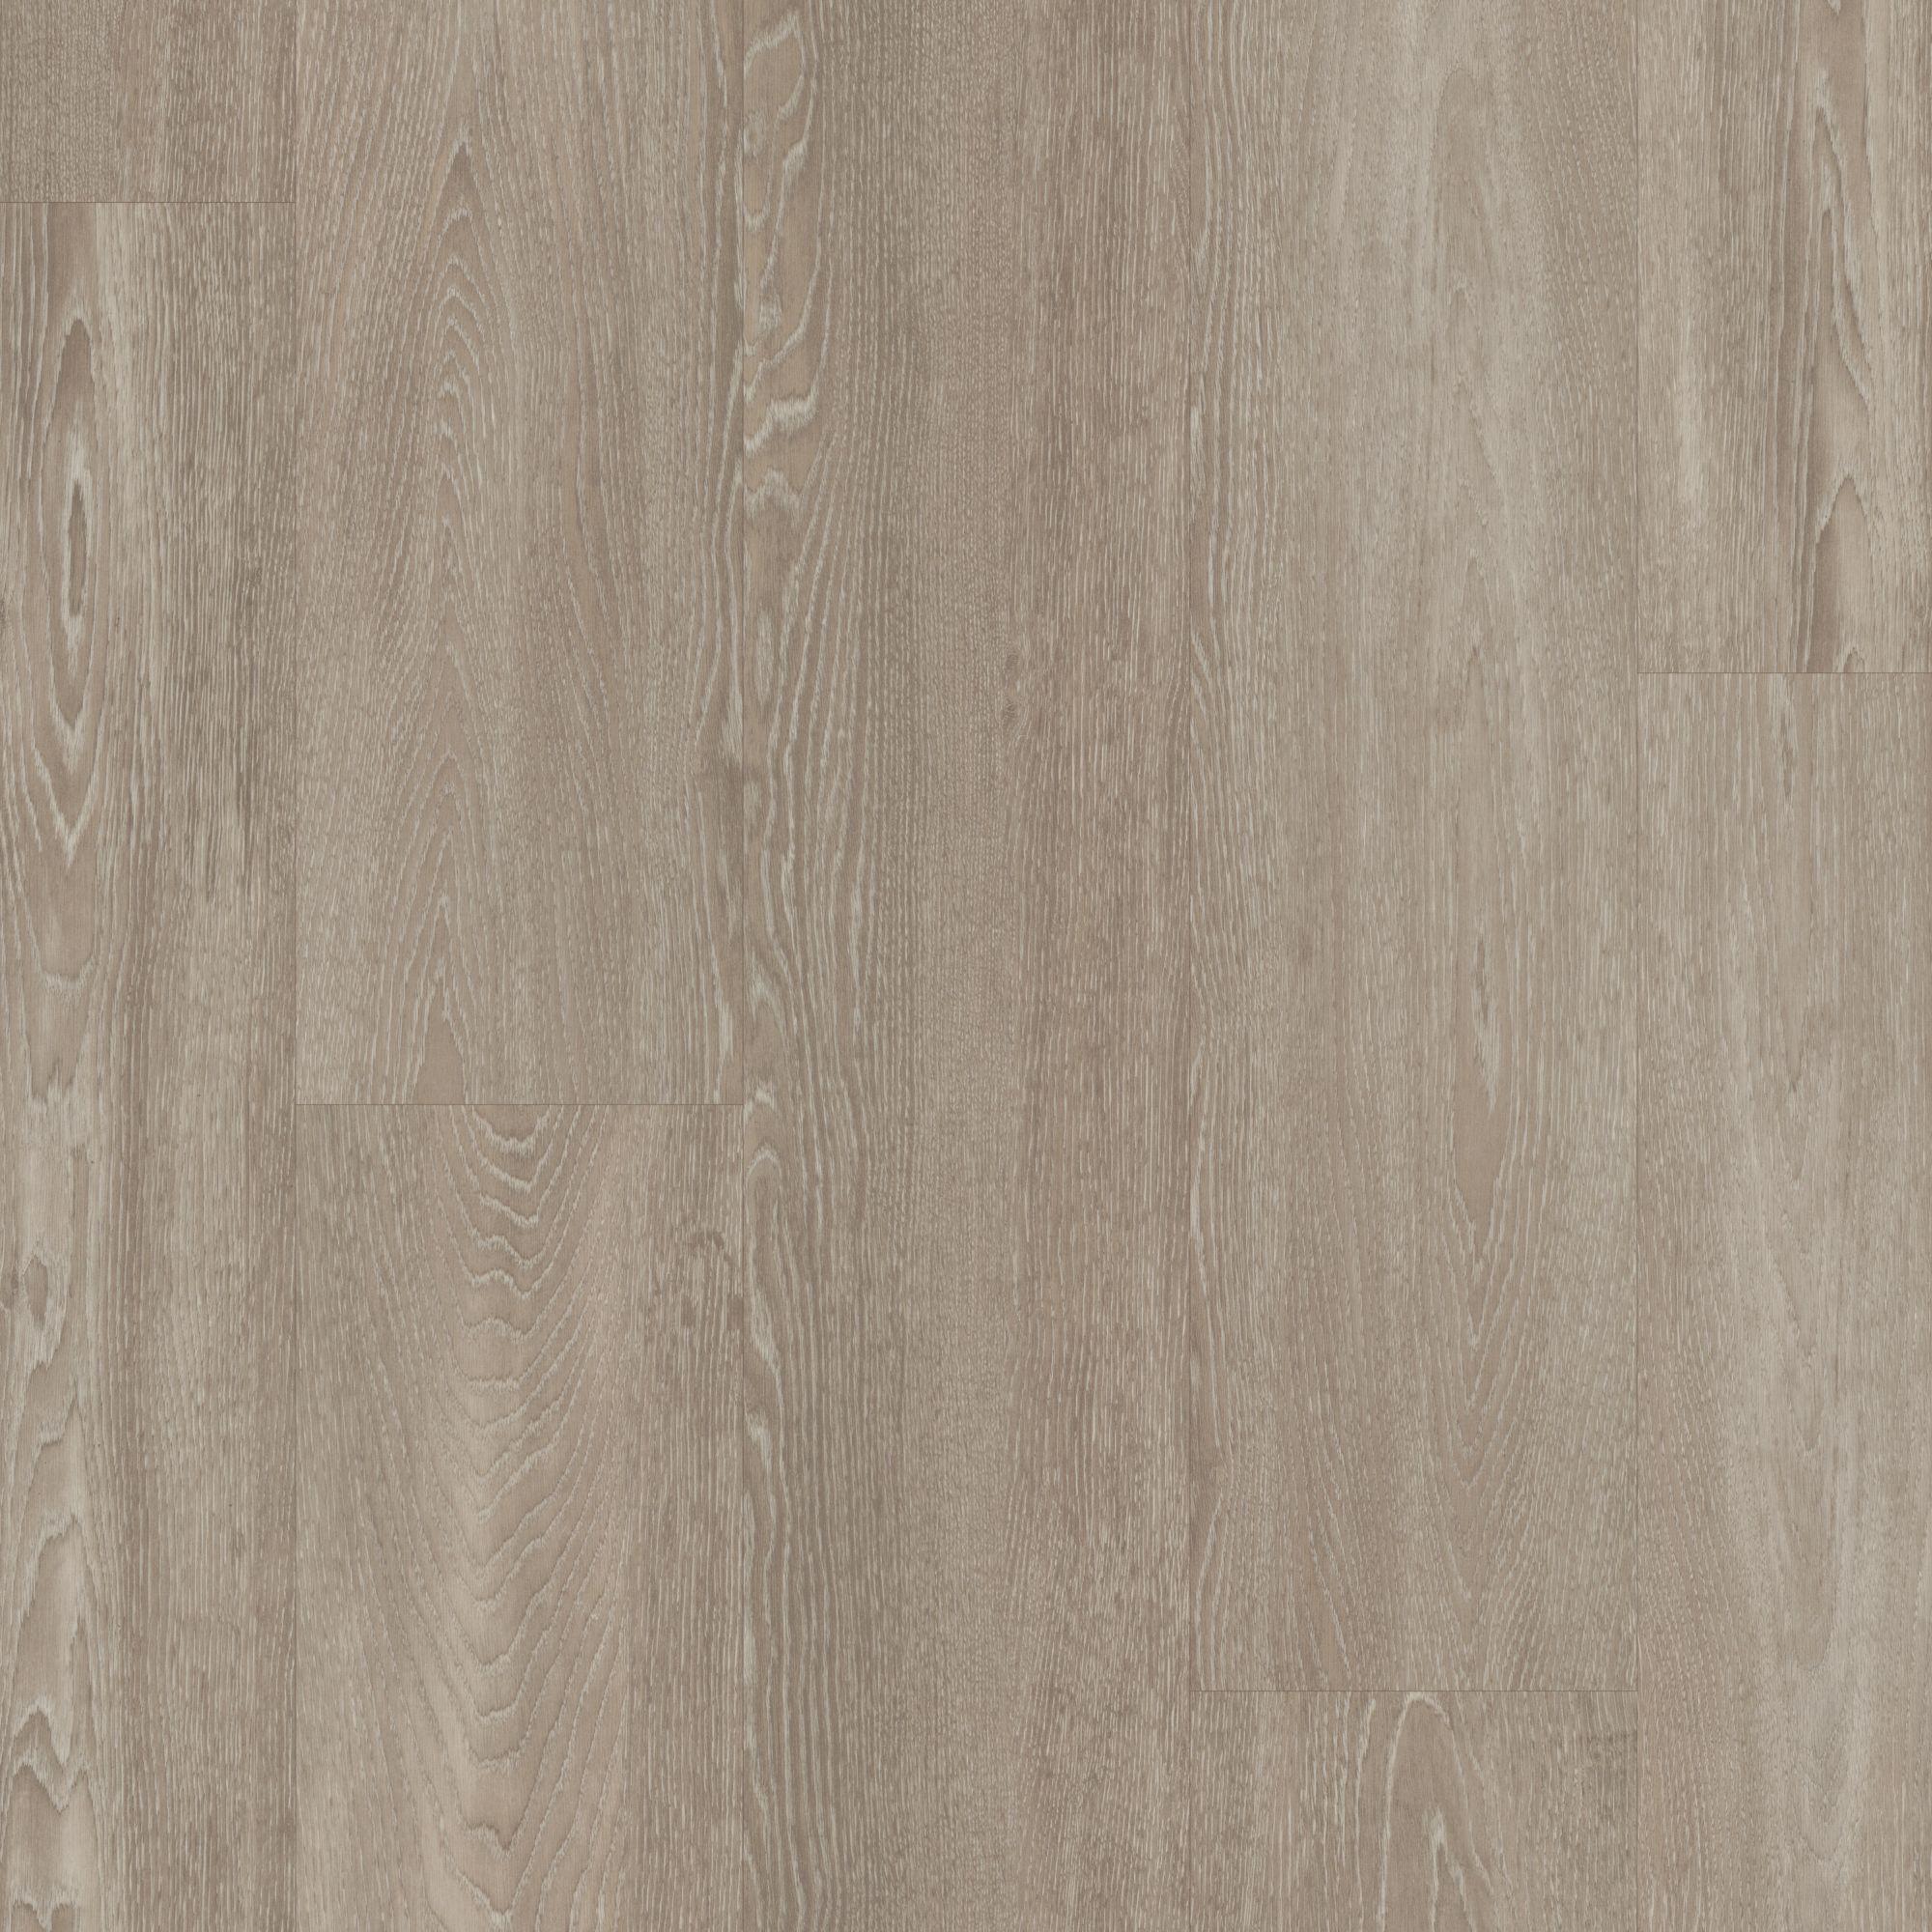 Karndean Karndean Opus Luxury Vinyl Tile Wood Flooring, 1219 x 228 mm